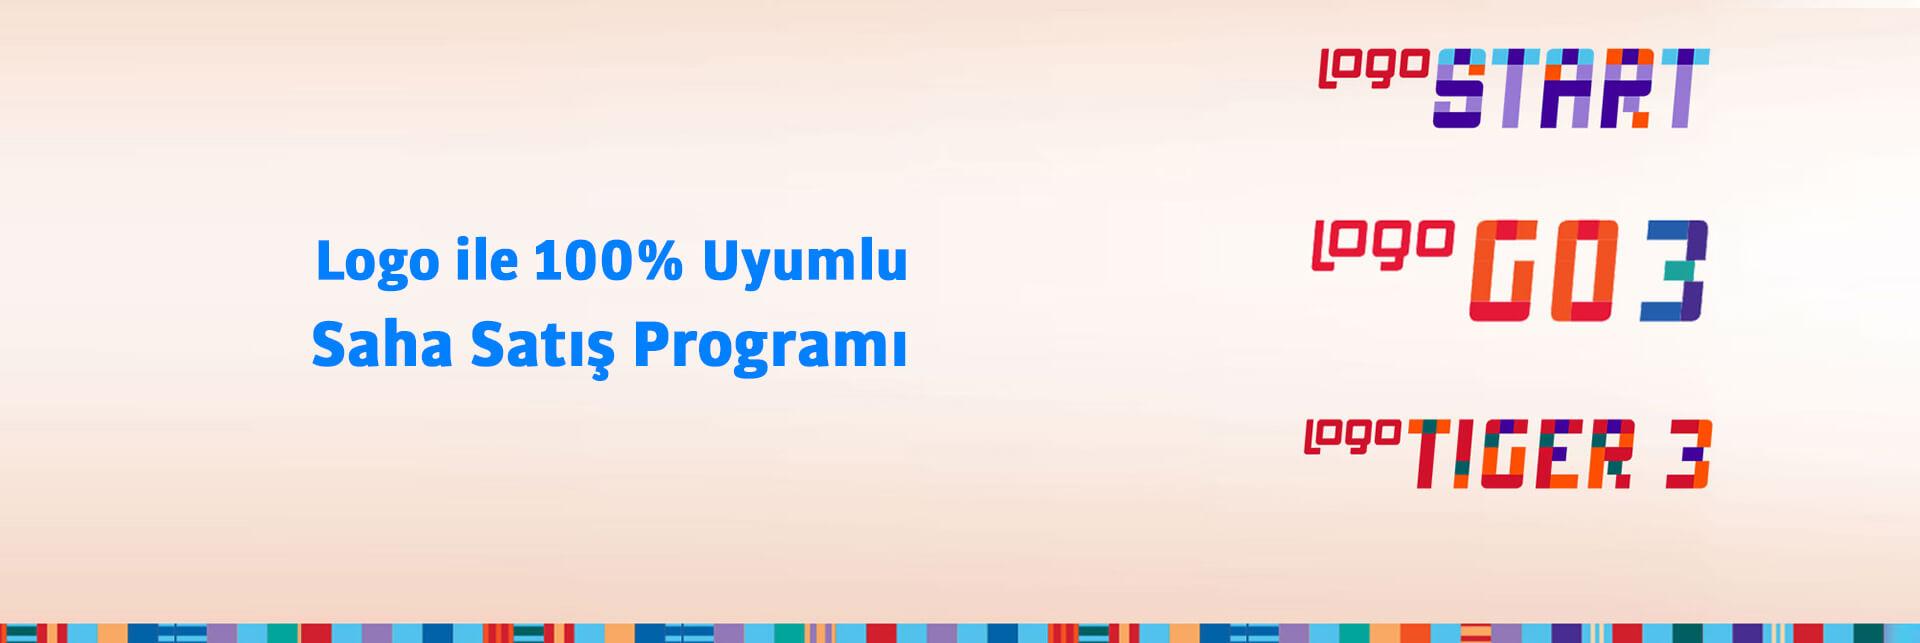 mobil saha satış programı